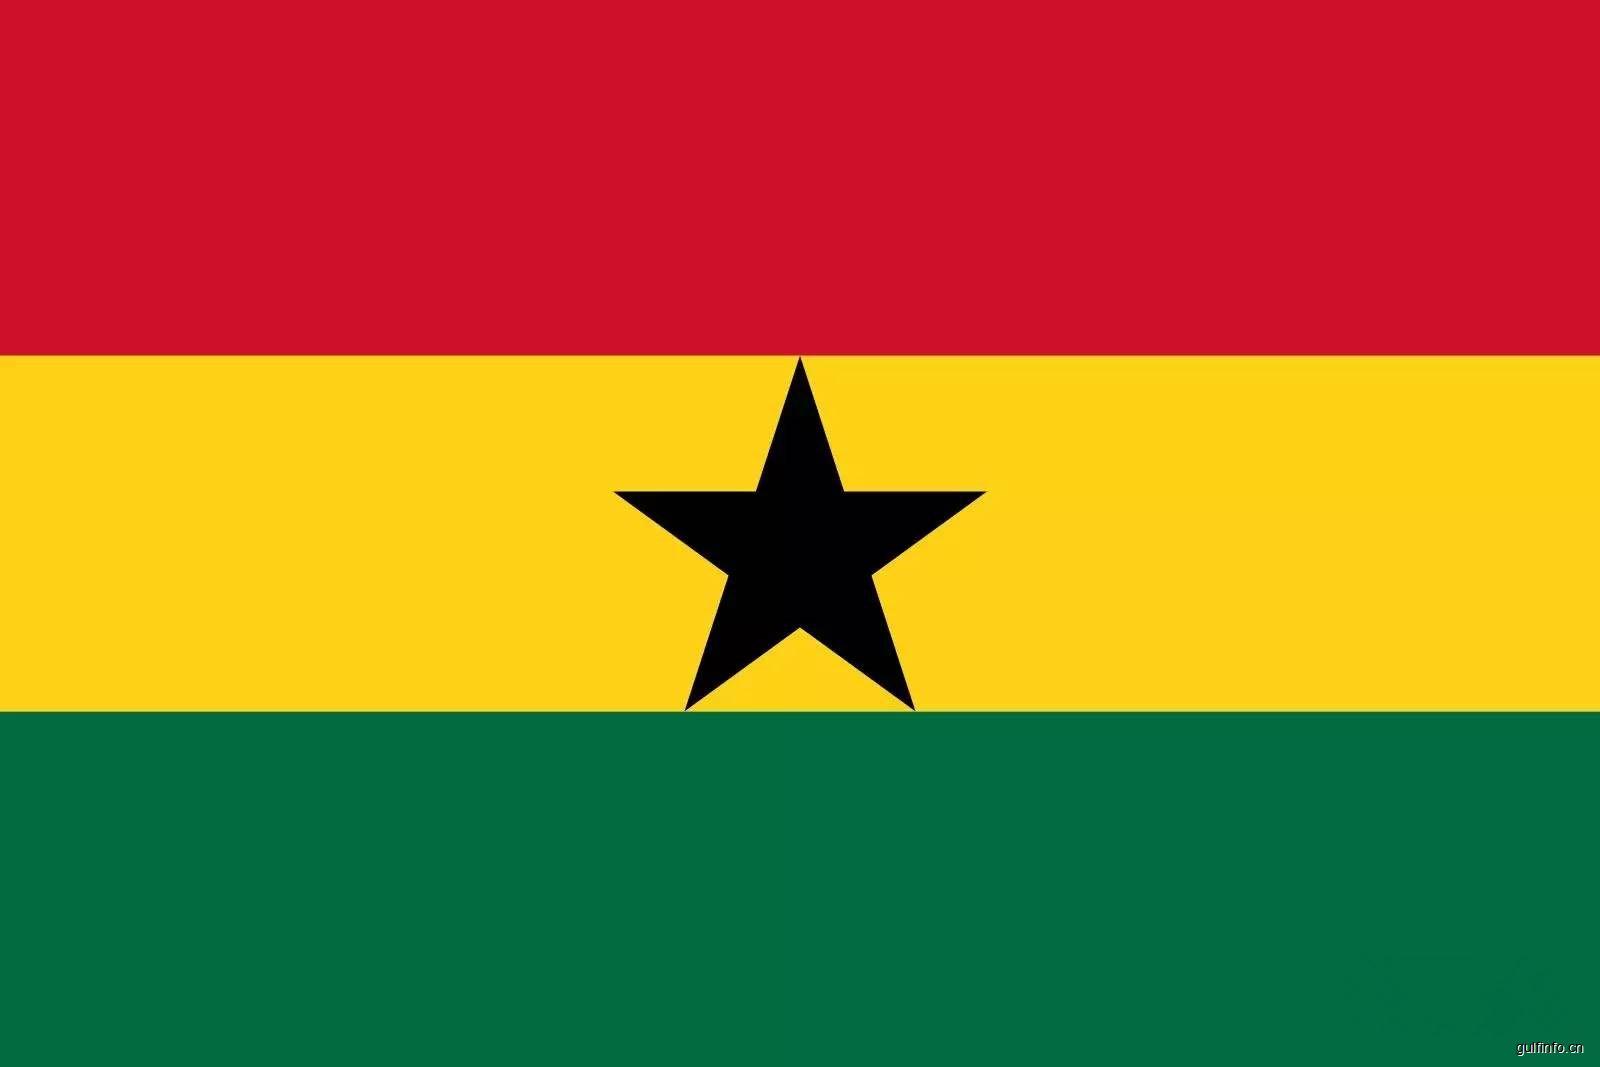 西非加纳,投资热土亟待开垦